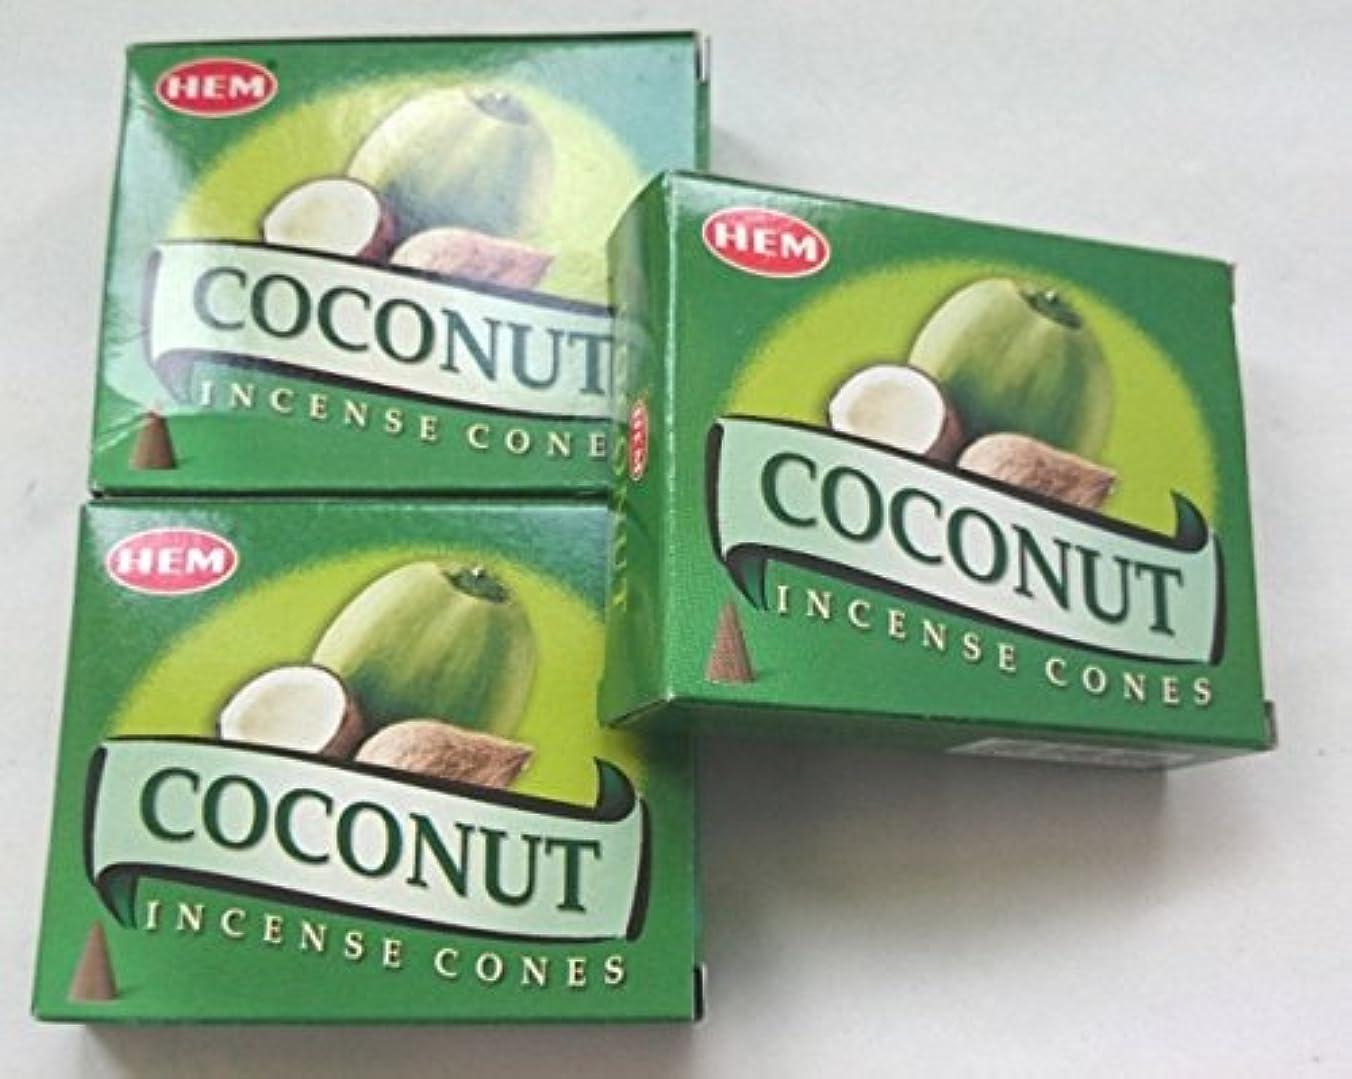 オーブンカビショッピングセンターHEM(ヘム)お香 ココナッツ コーン 3個セット